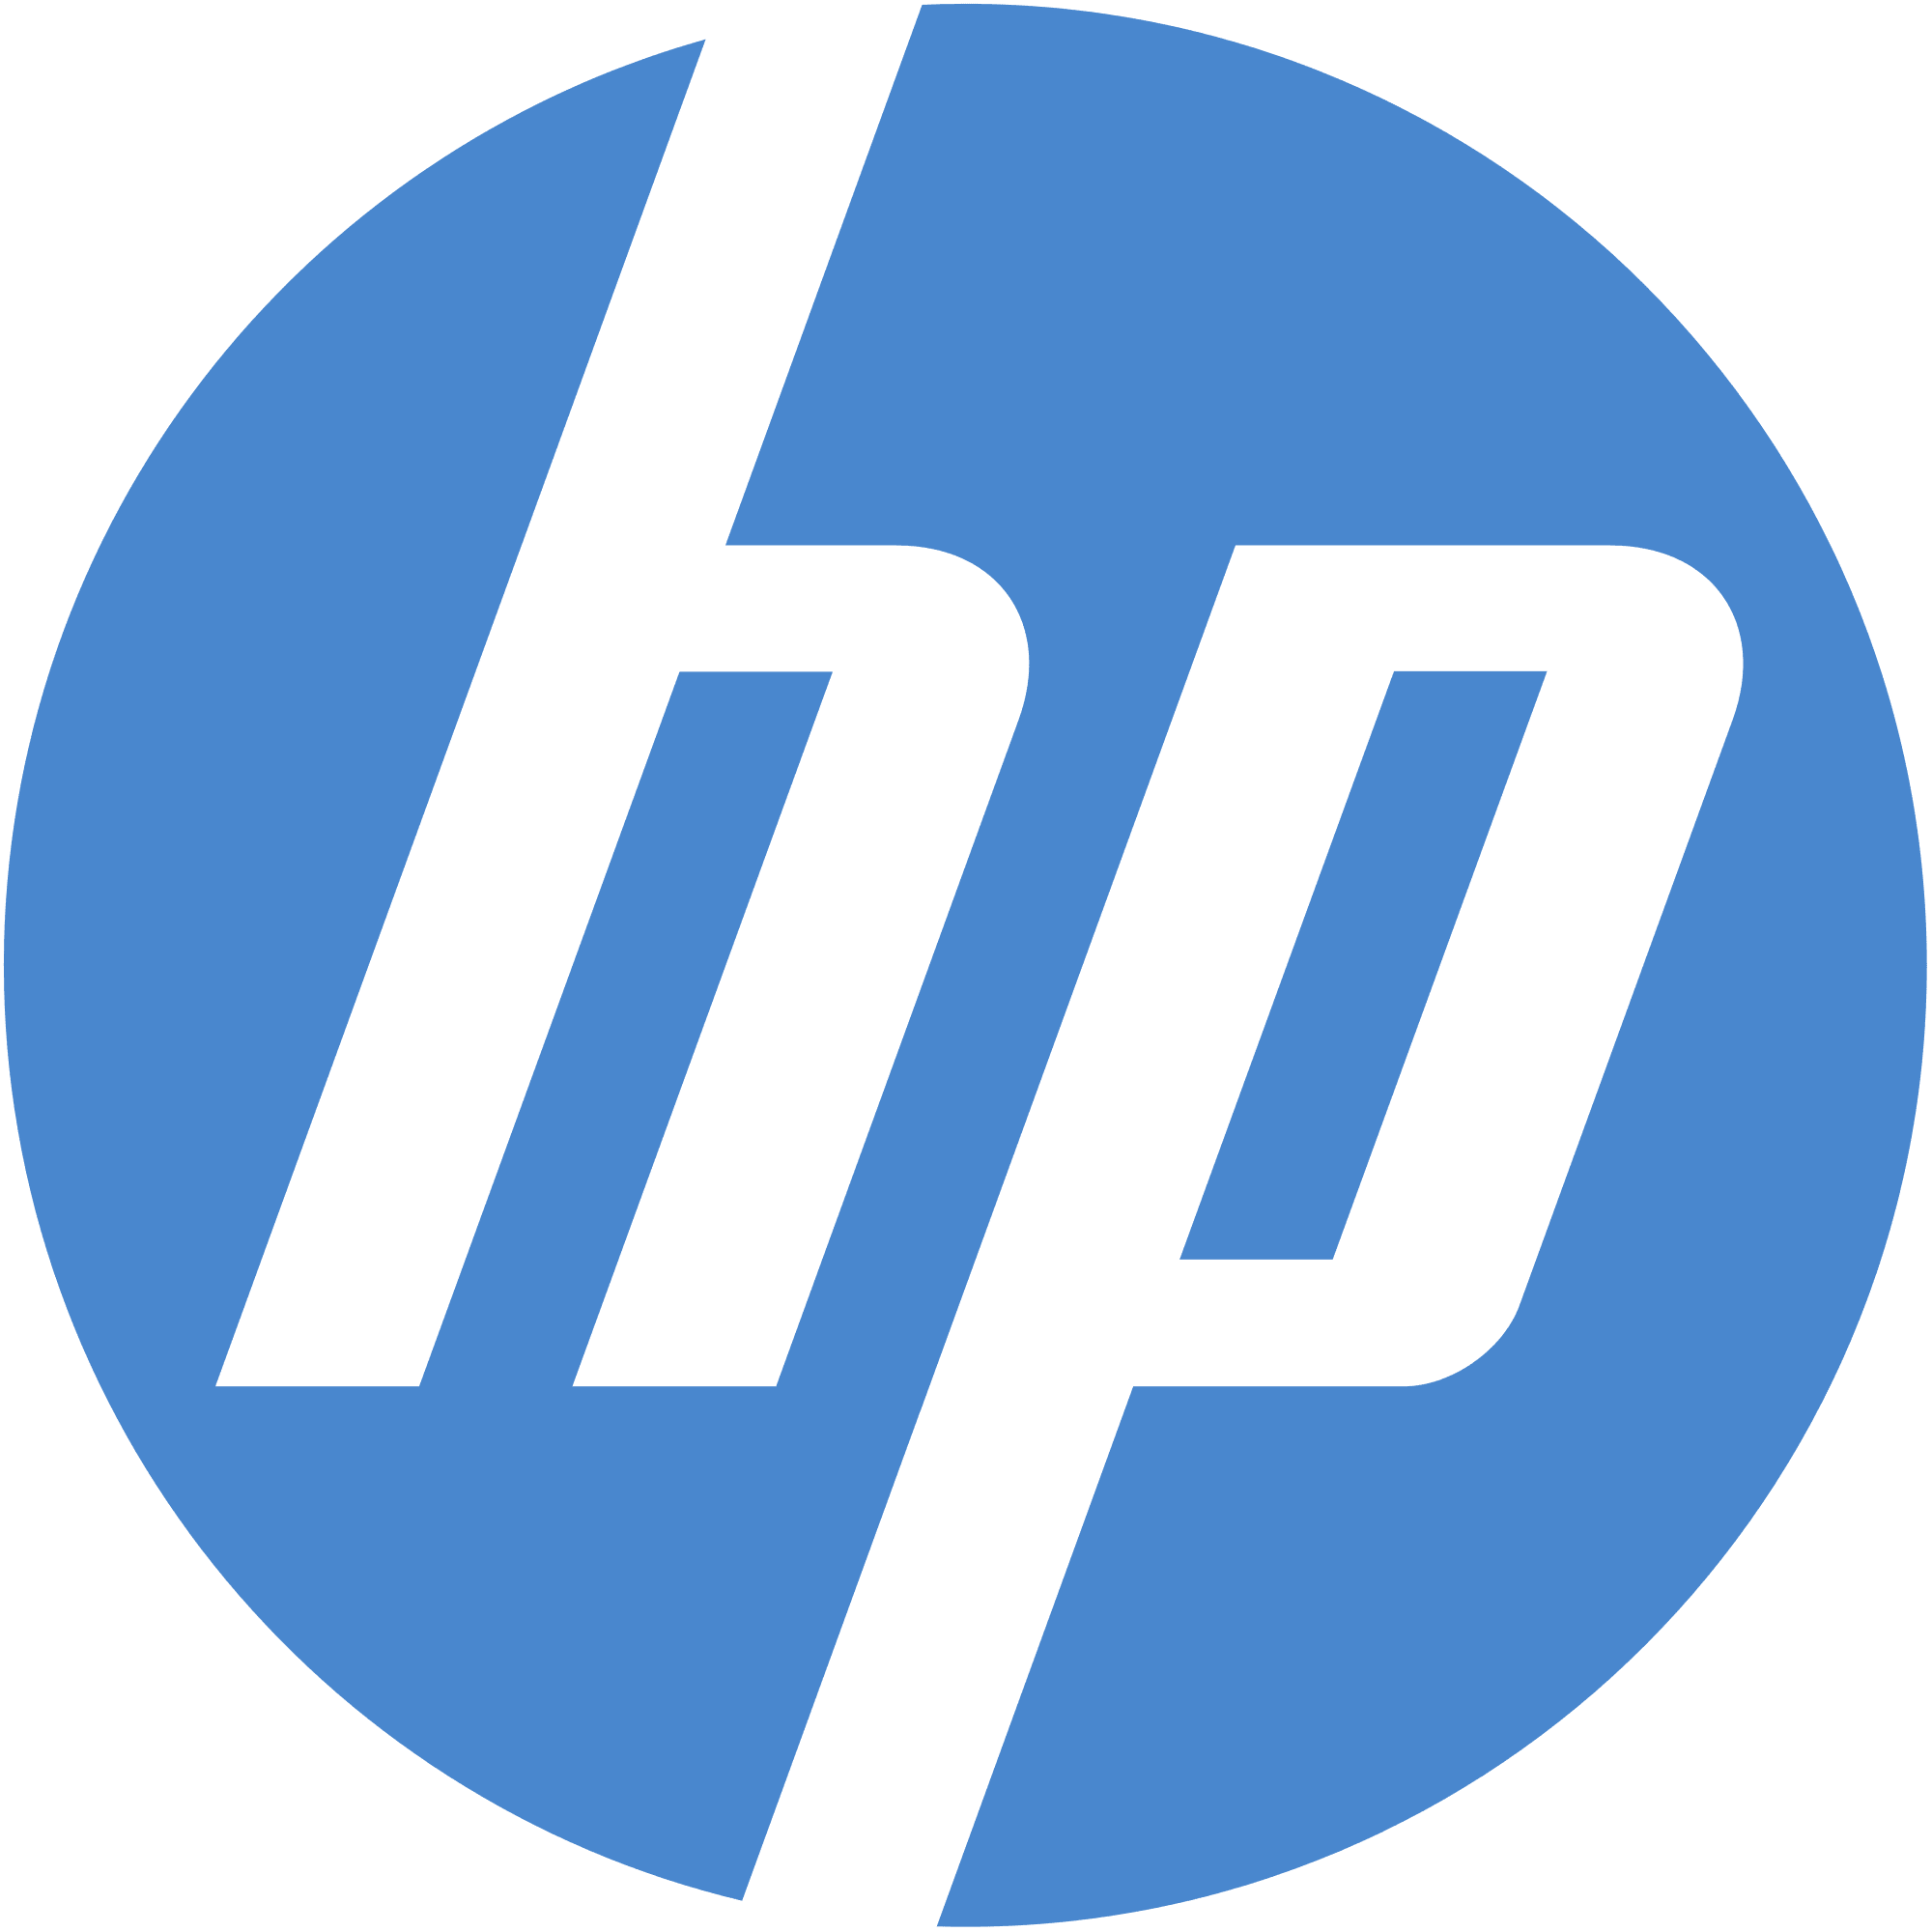 HP 1000-1140TU Notebook PC drivers